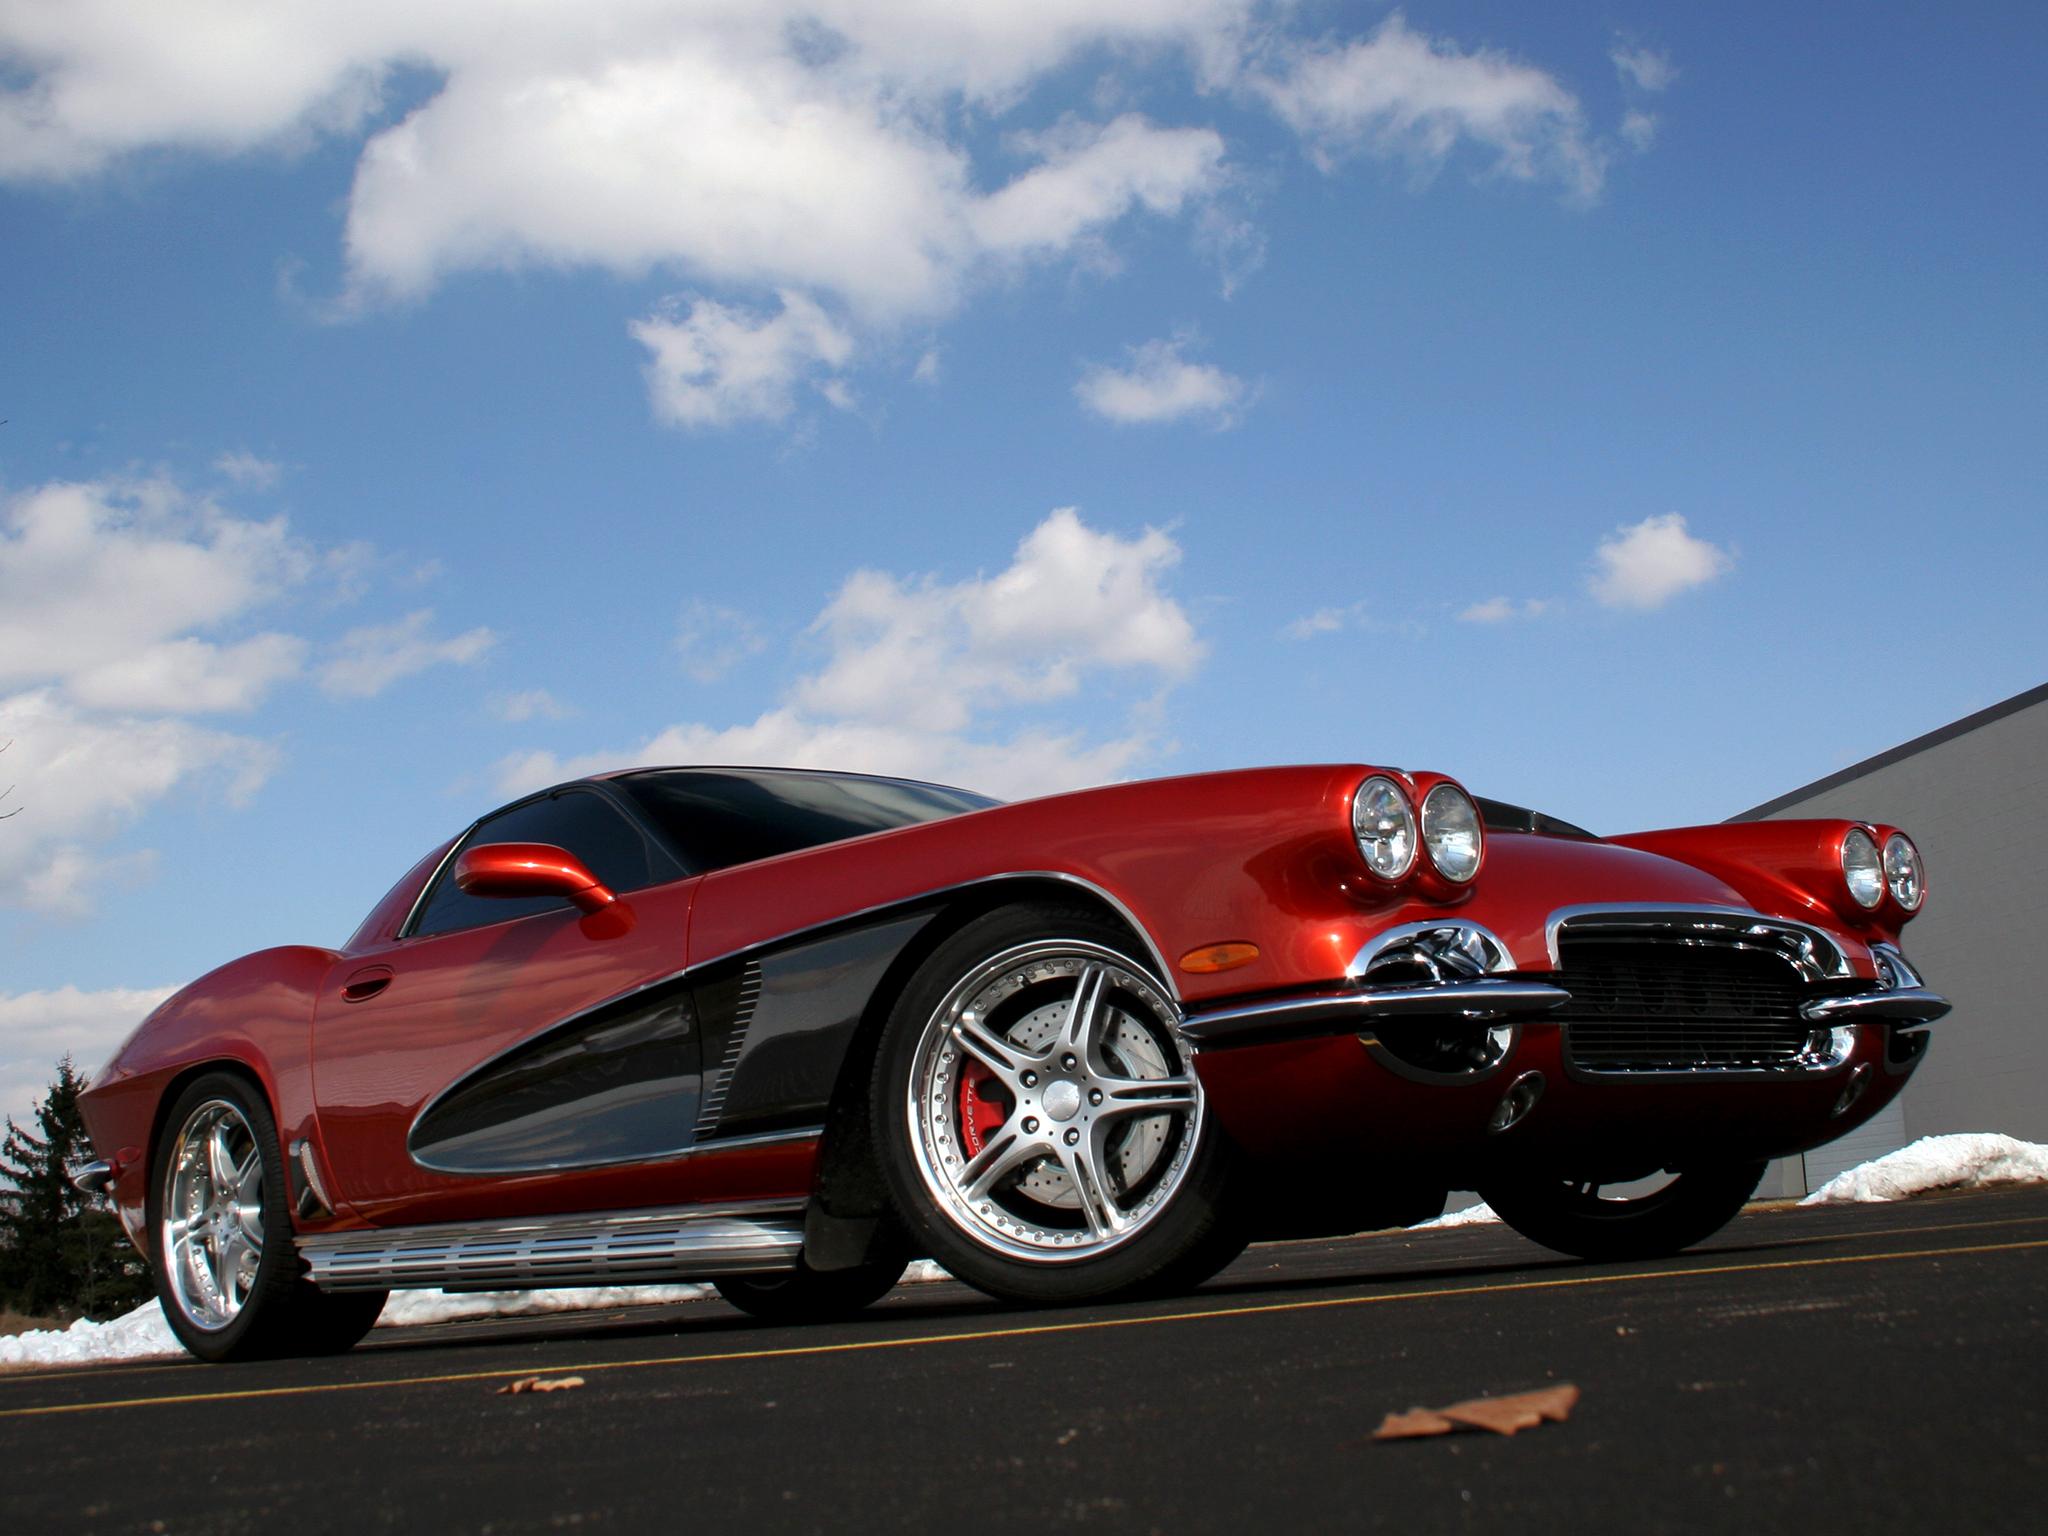 1962 chevrolet crc corvette z06 c5 supercar muscle hot rod rods classic 2004 c 5 s wallpaper 2048x1536 156138 wallpaperup - Corvette C5 Logo Wallpaper